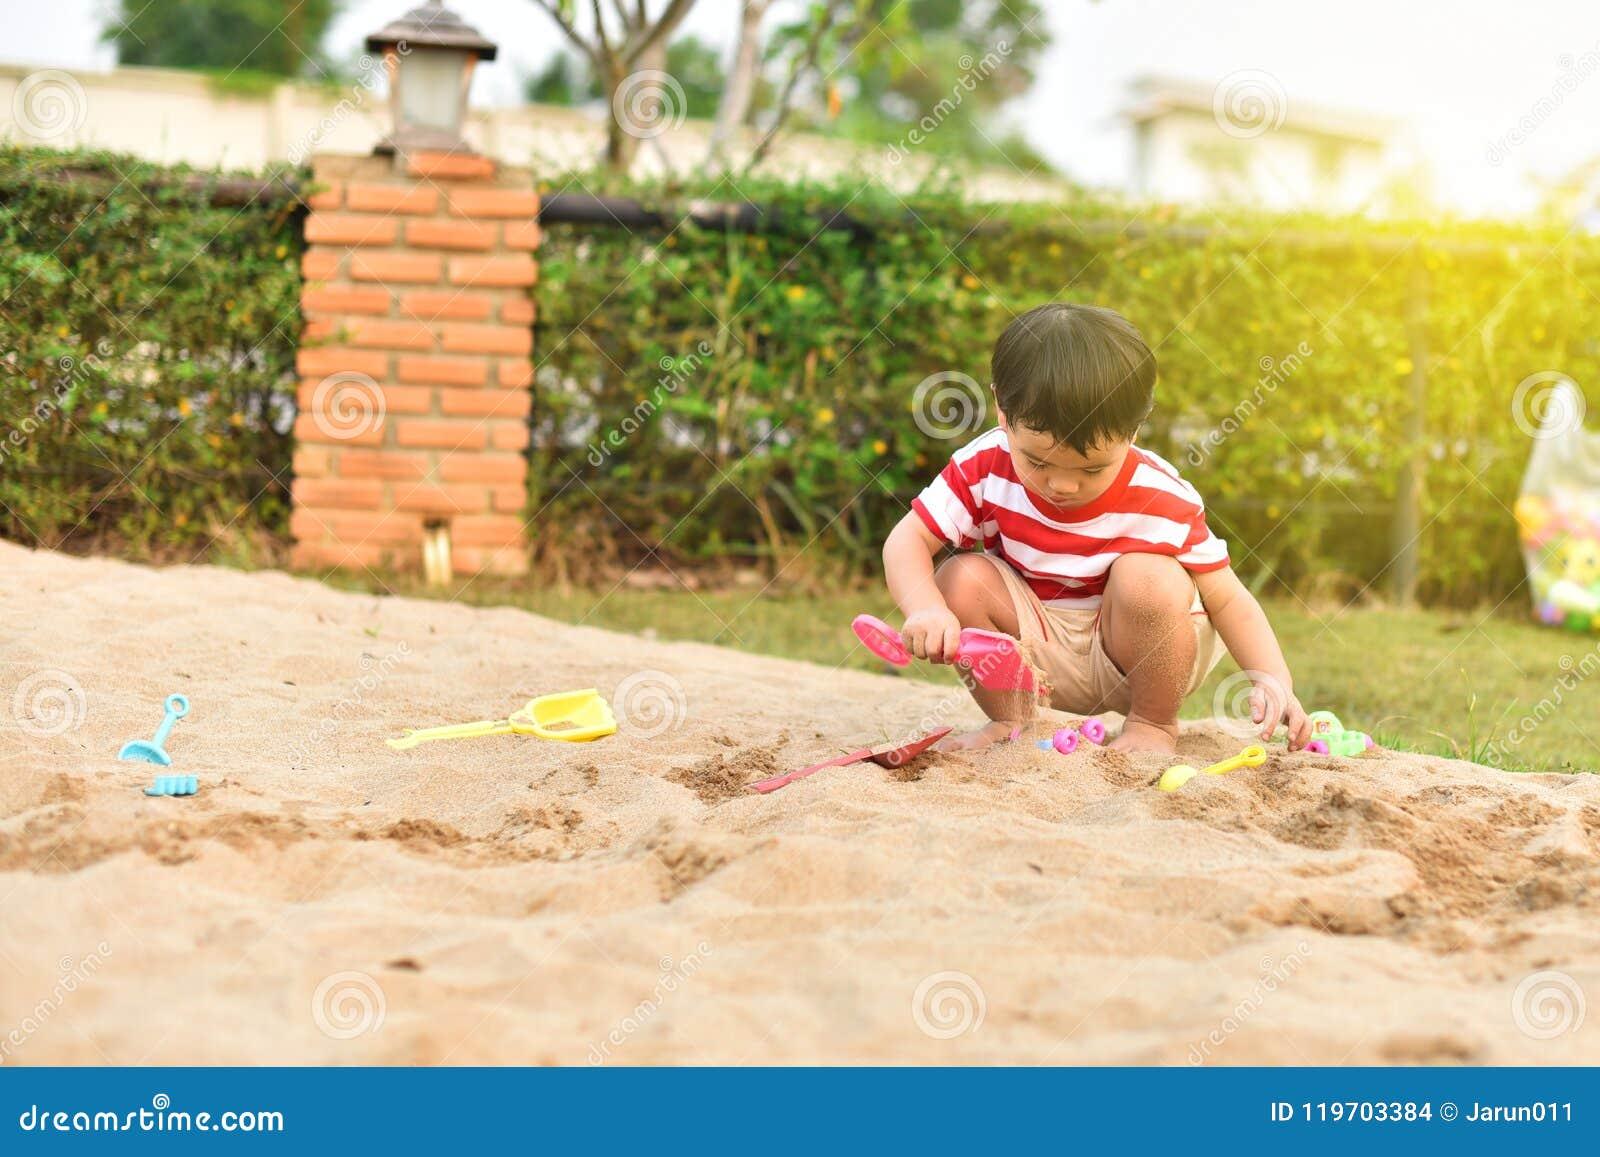 Gelukkige Aziatische jongen in speelplaats